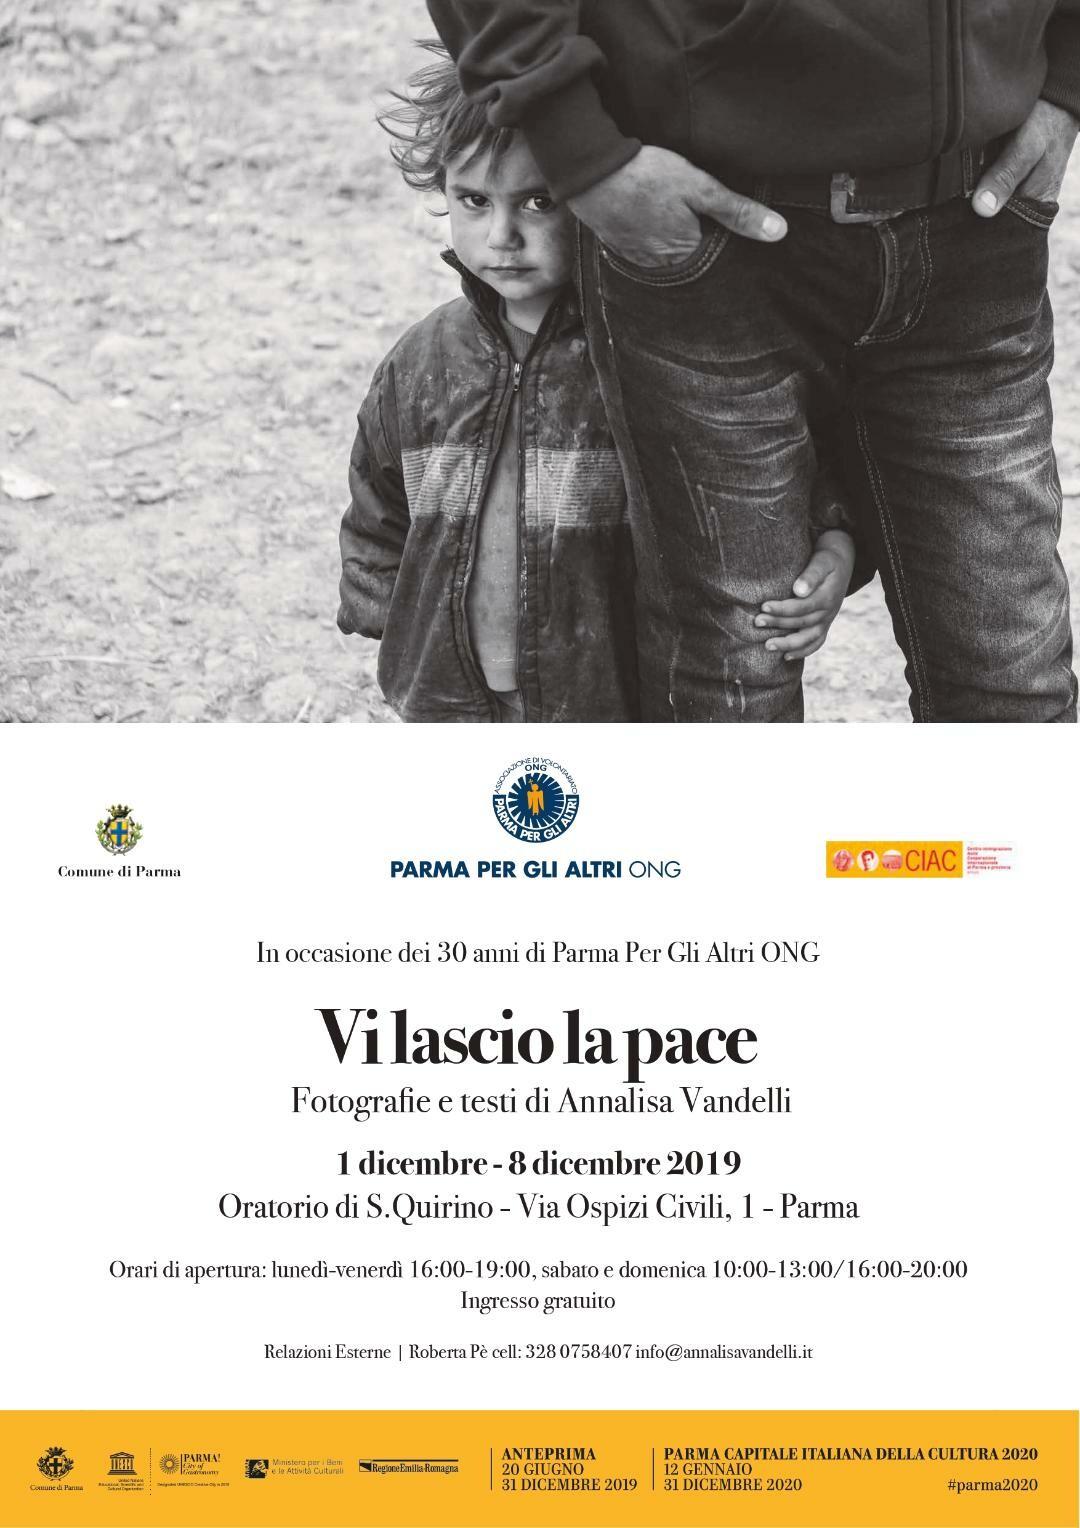 """Mostra fotografica """"Vi lascio la pace"""".  Le foto e i testi in esposizione sono opera dell'Artista di fama internazionale, Annalisa Vandelli."""